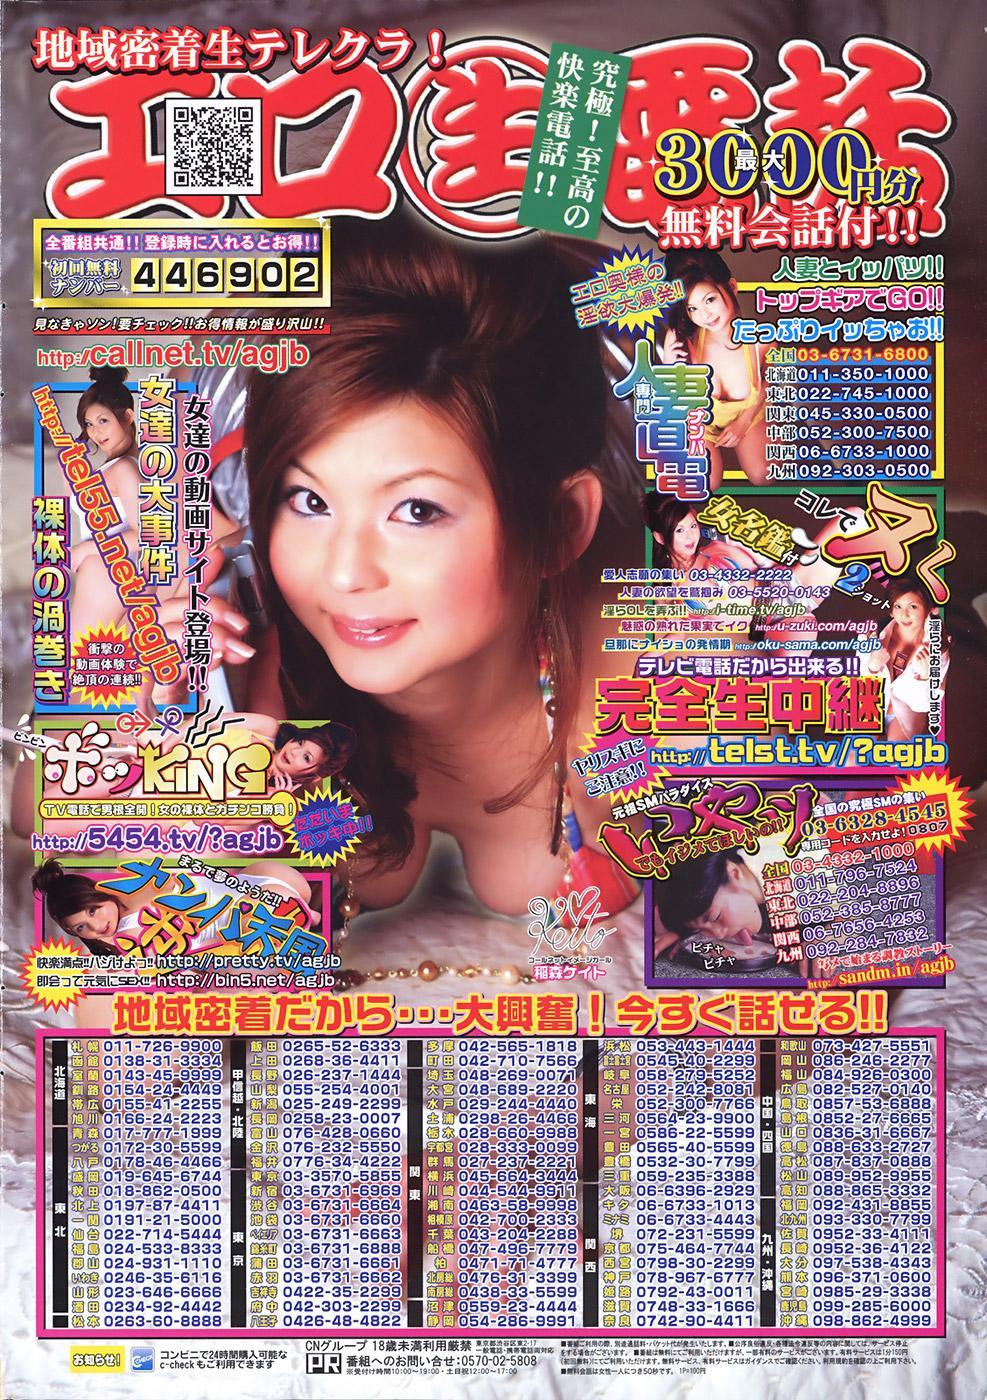 COMIC Purumelo [2009-03] Vol.27 1